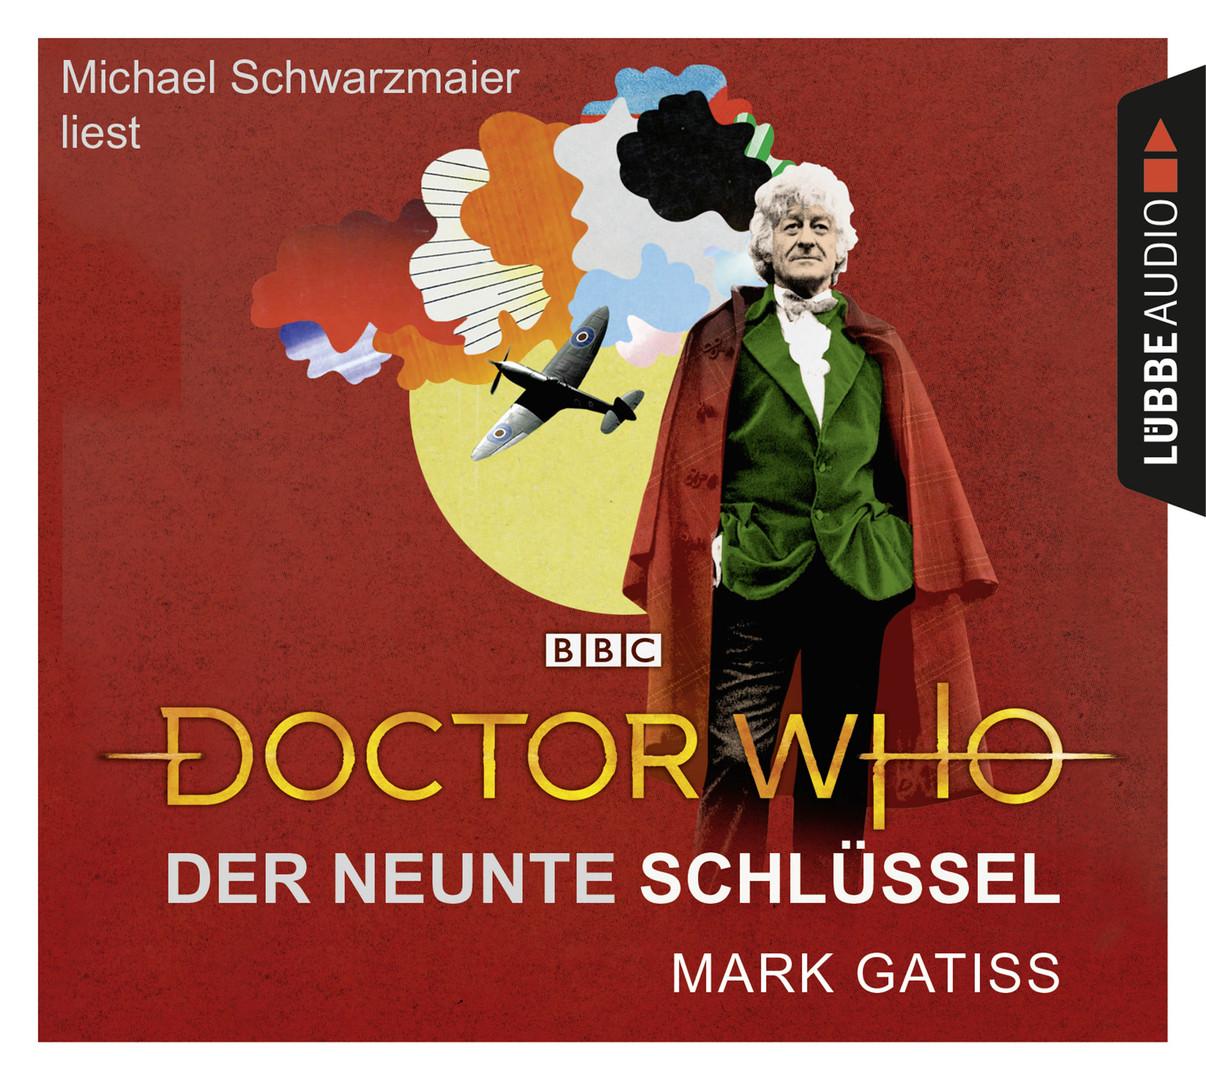 Doctor Who - Der neunte Schlüssel